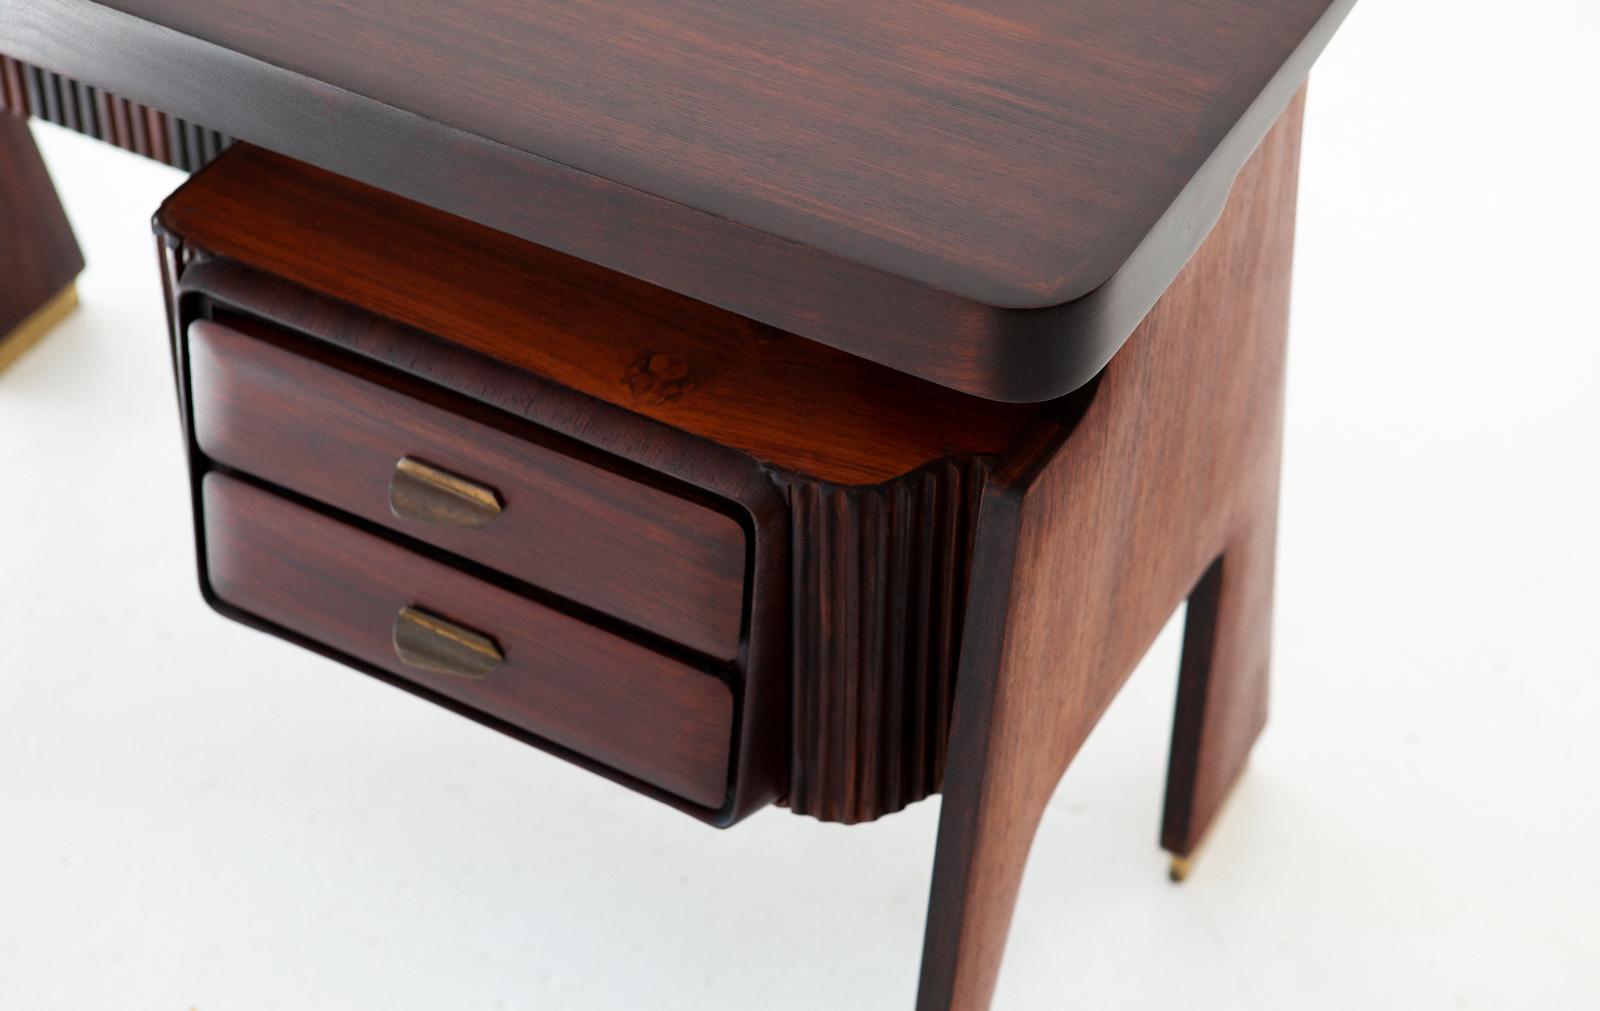 1950s-Italian-rosewood-desk-table-dassi-10-d28